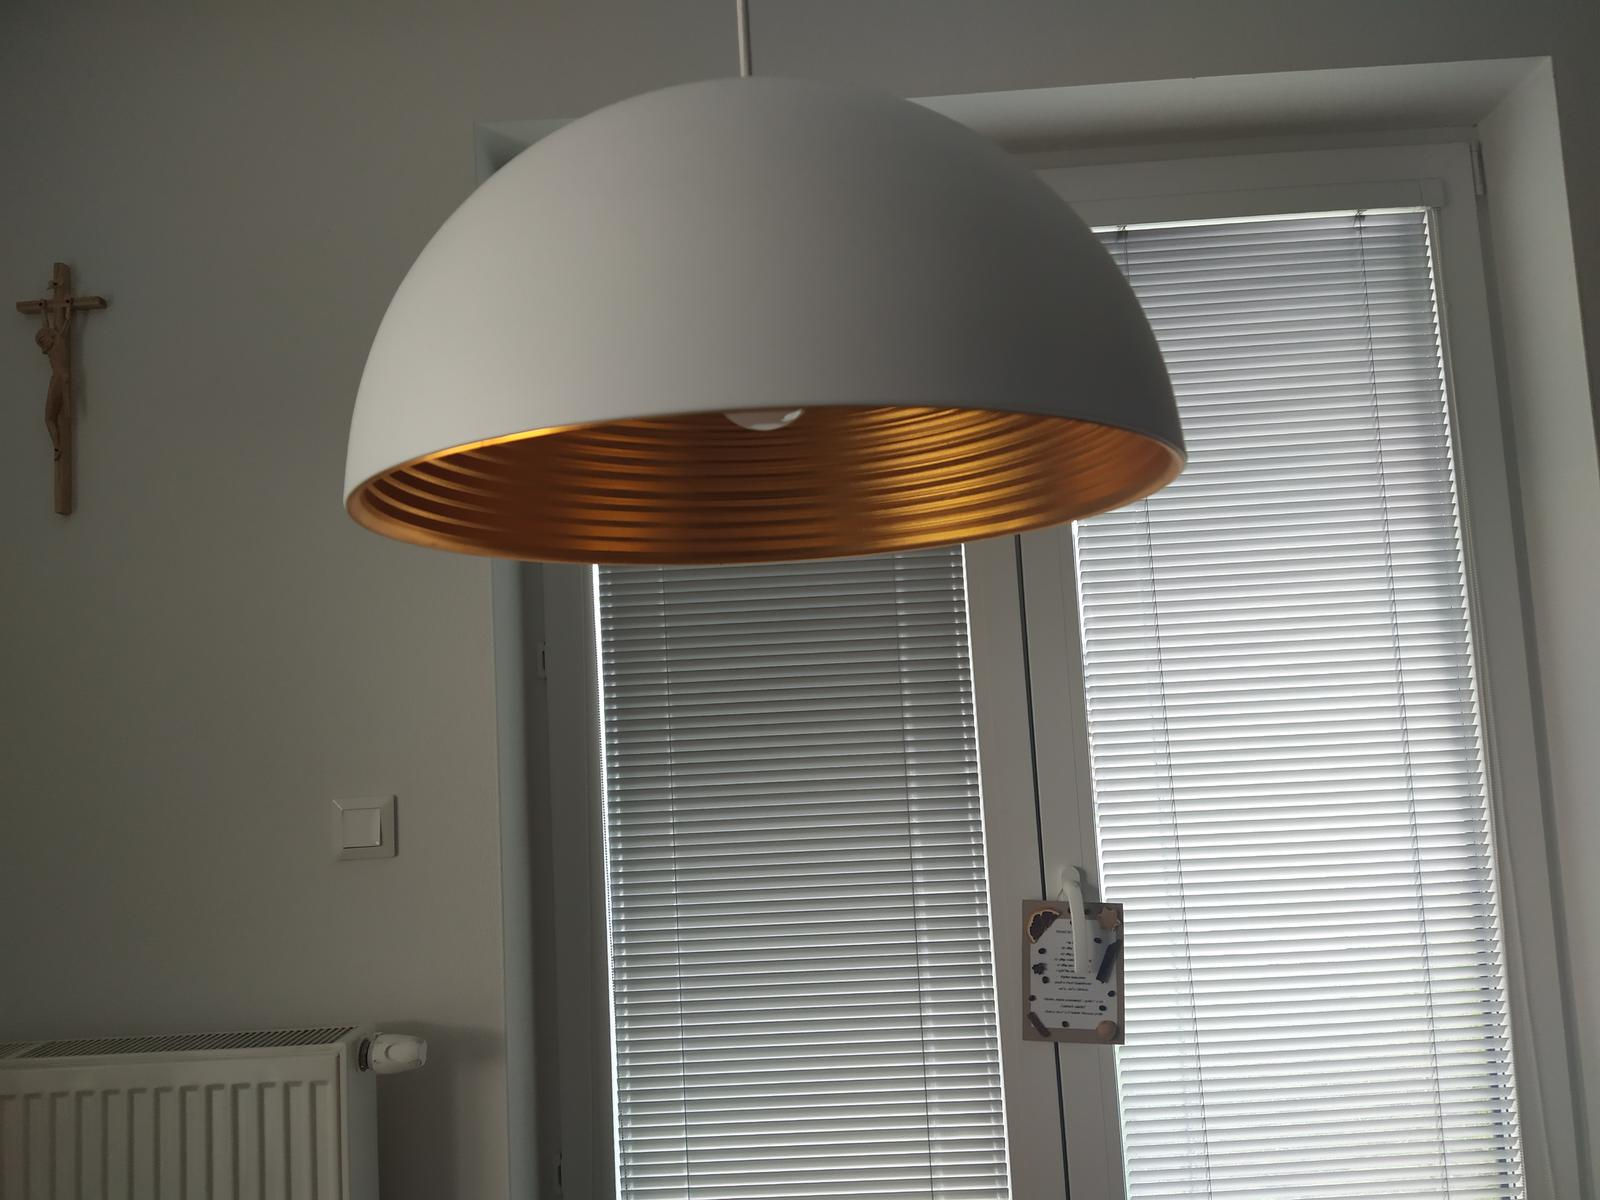 dizajnové svietidlo - Obrázok č. 2